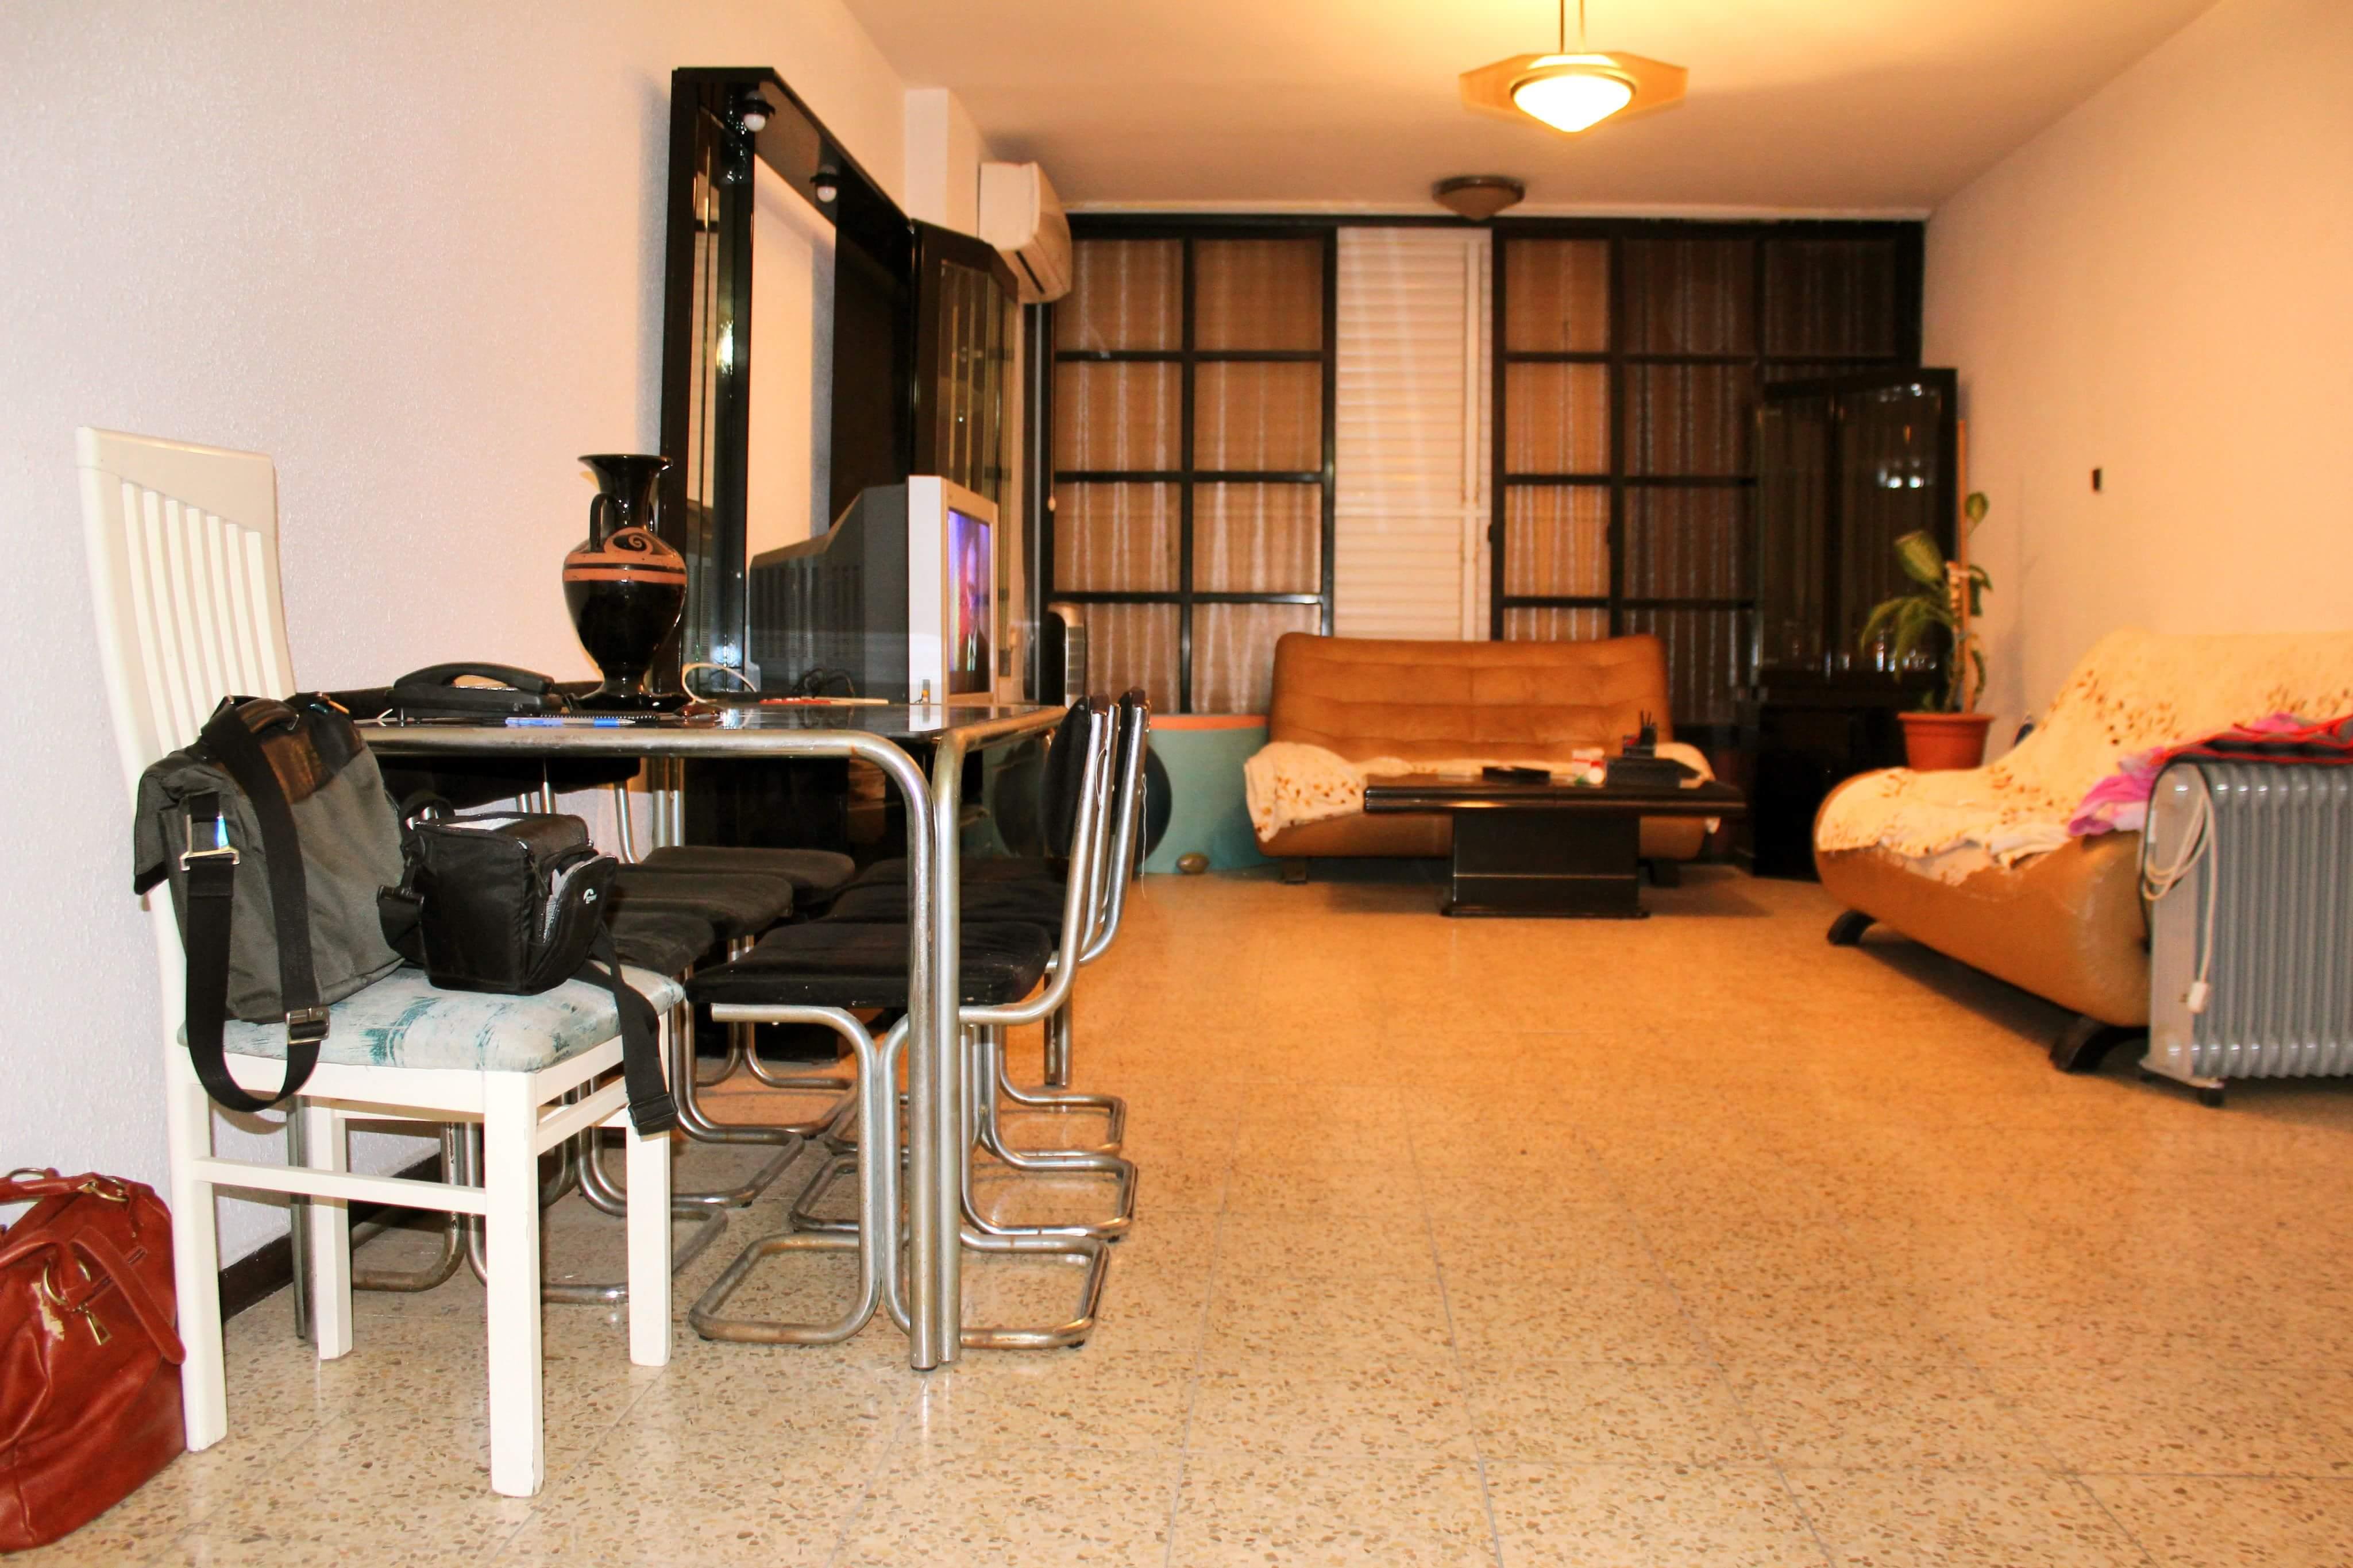 דירת 3 חדרים בהסתדרות4